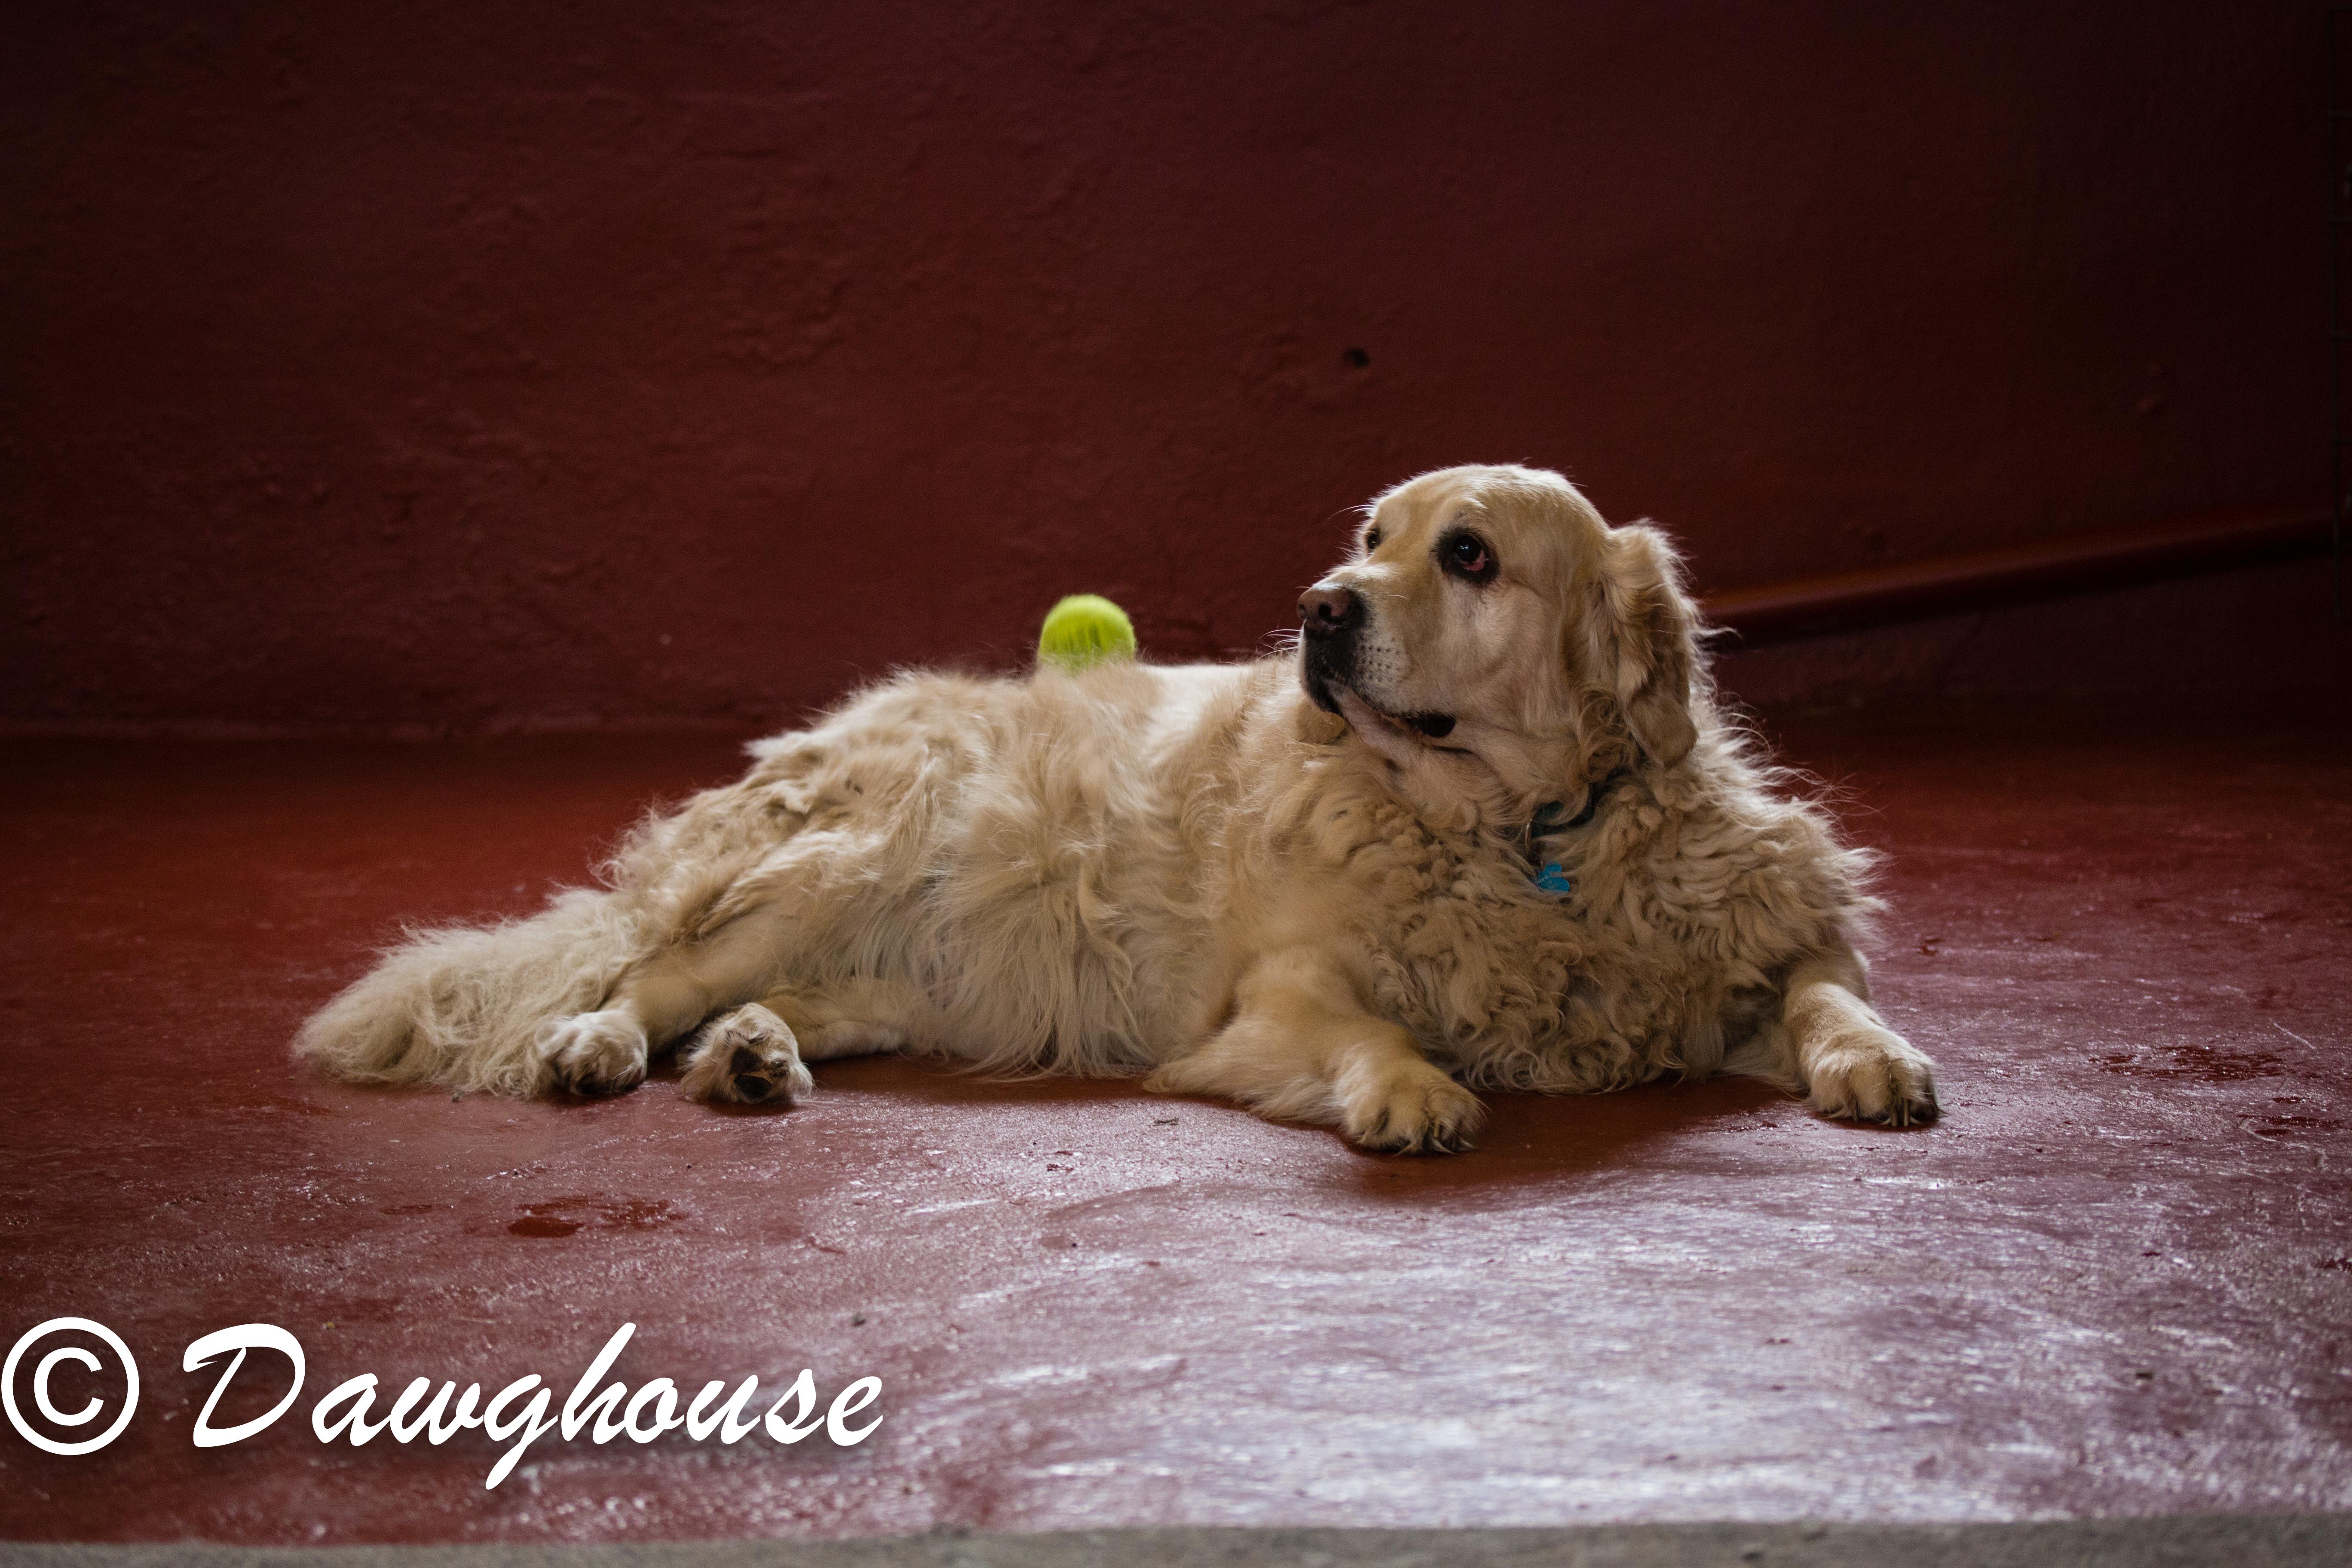 dawghouse feb-13